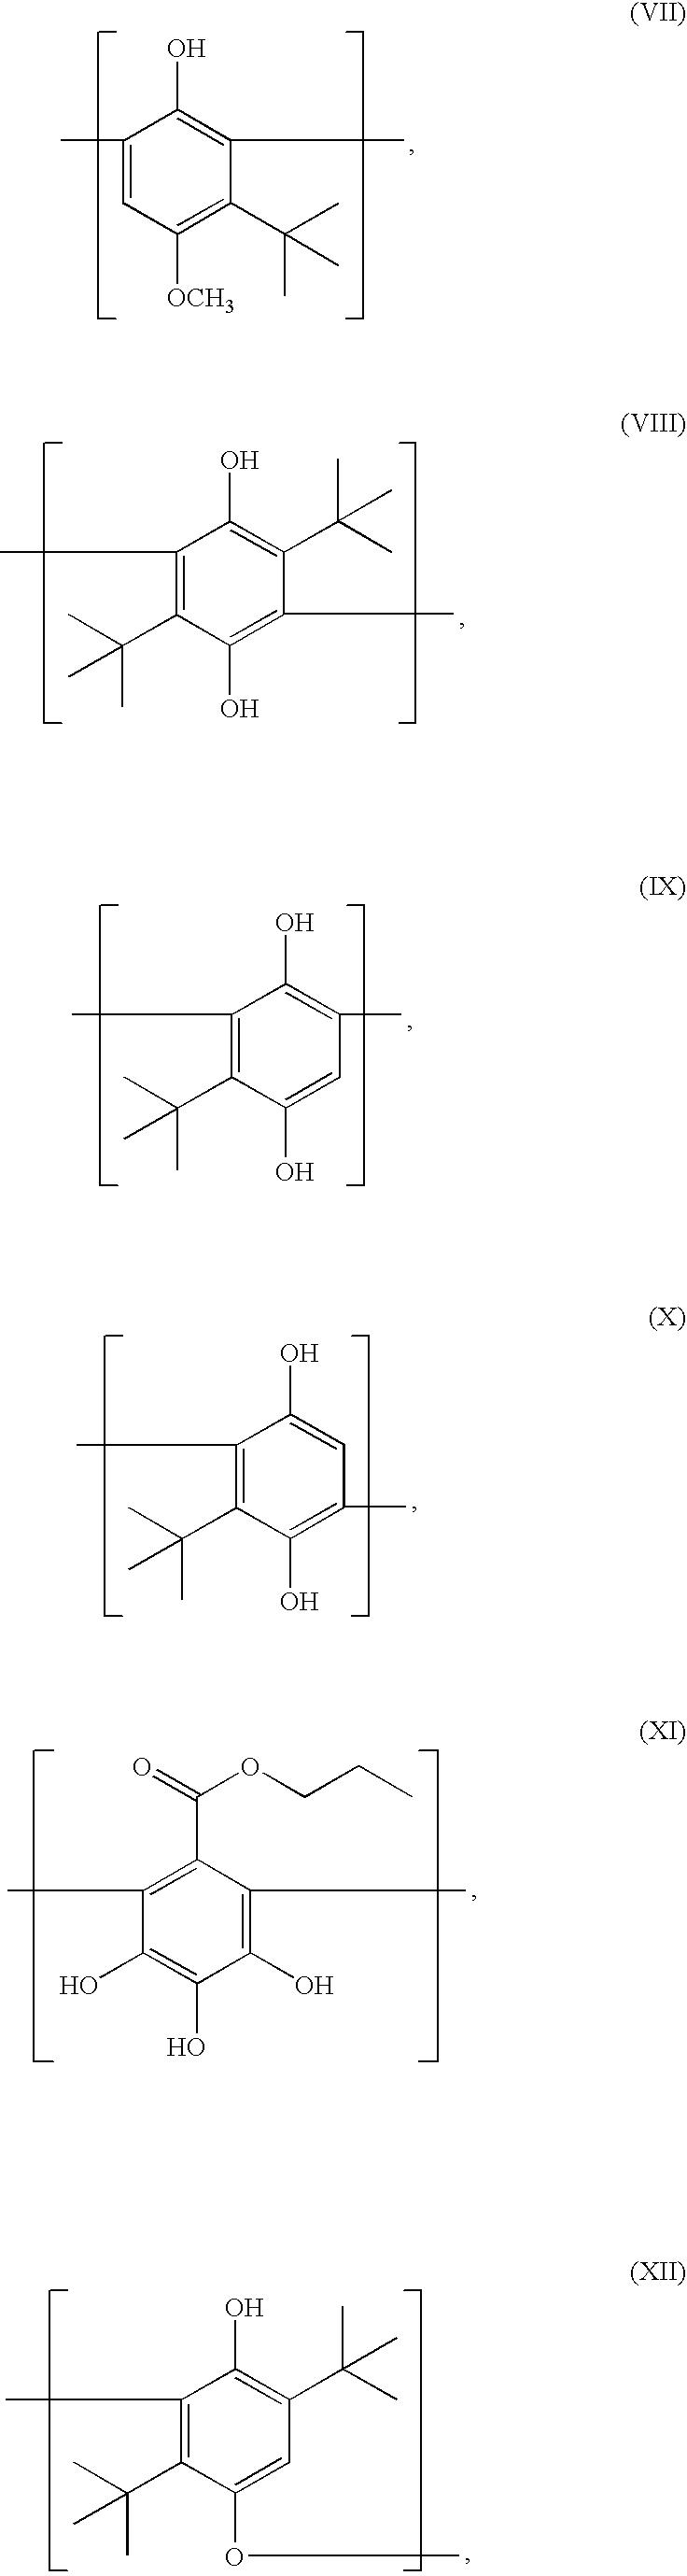 Figure US20030230743A1-20031218-C00033